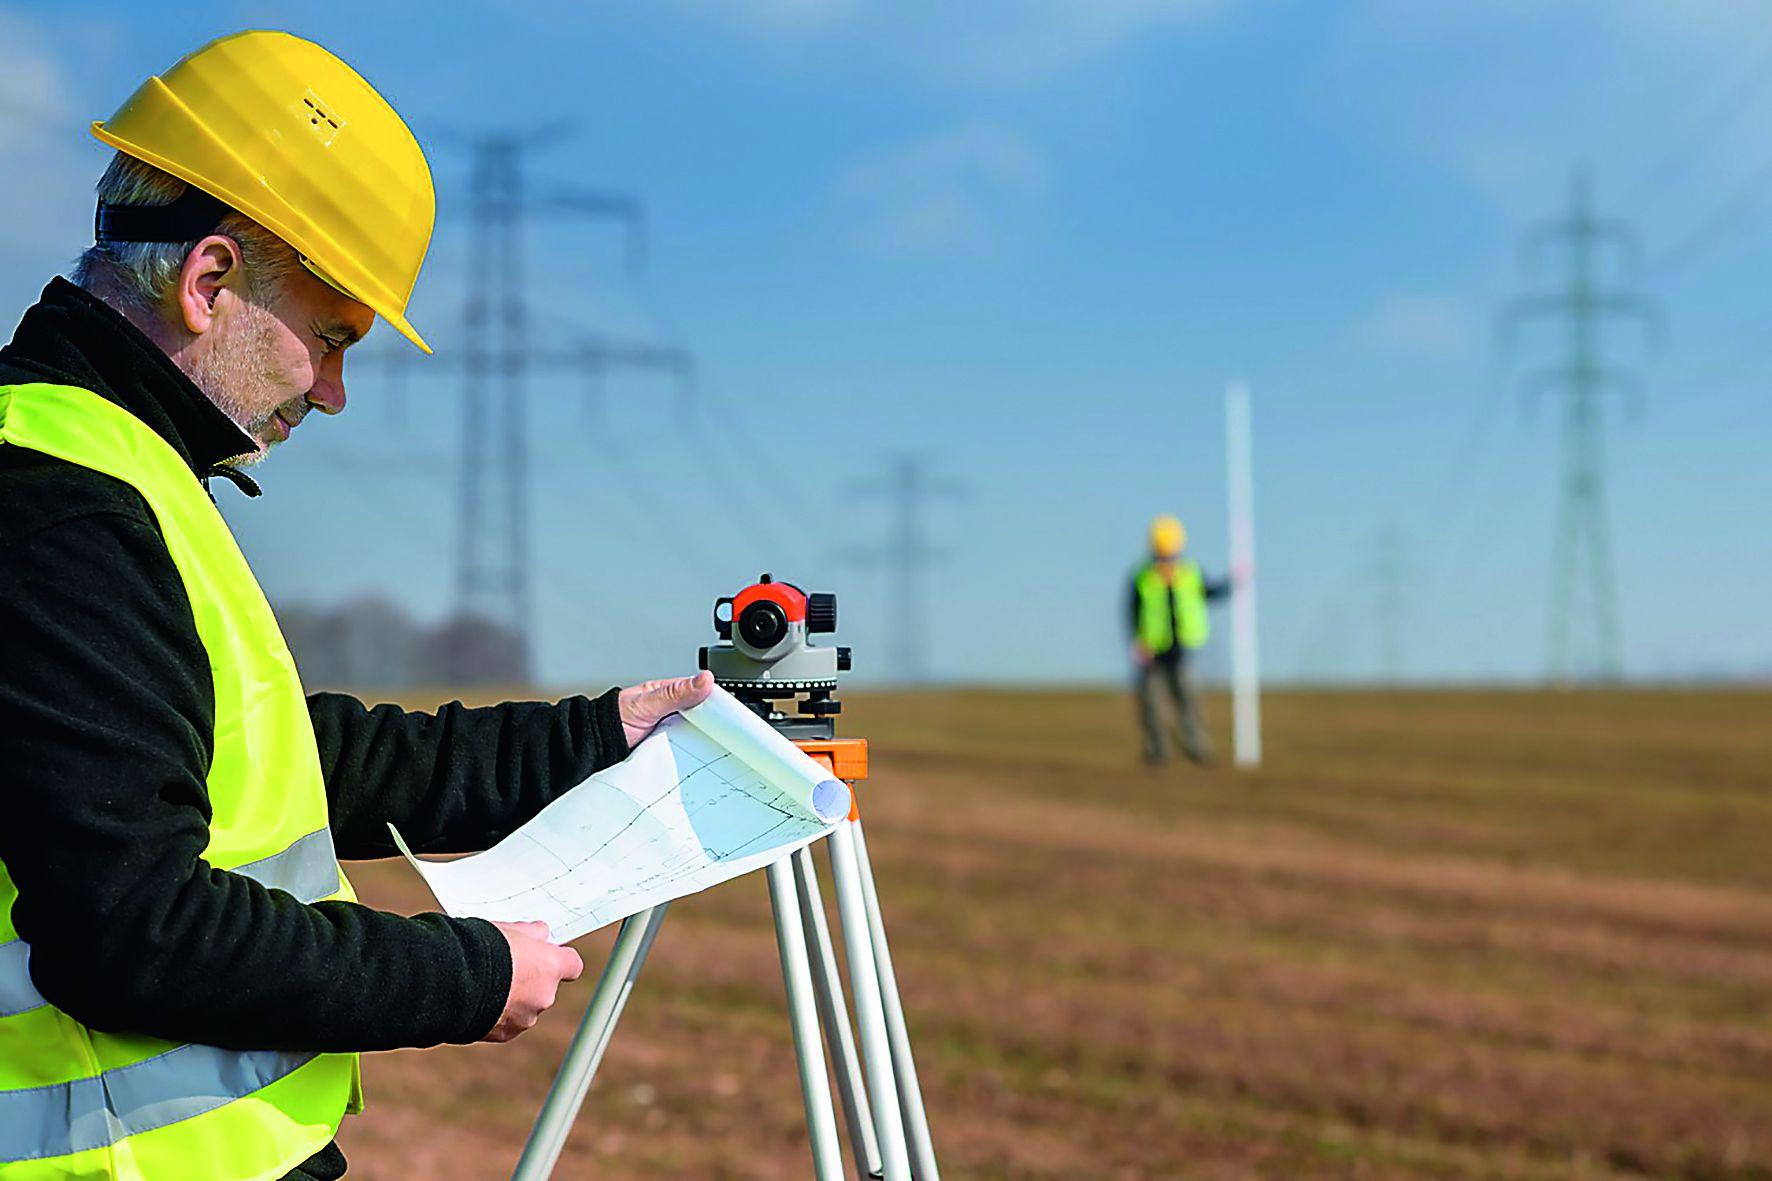 Мероприятия по проведению кадастровых и землеустроительных работ